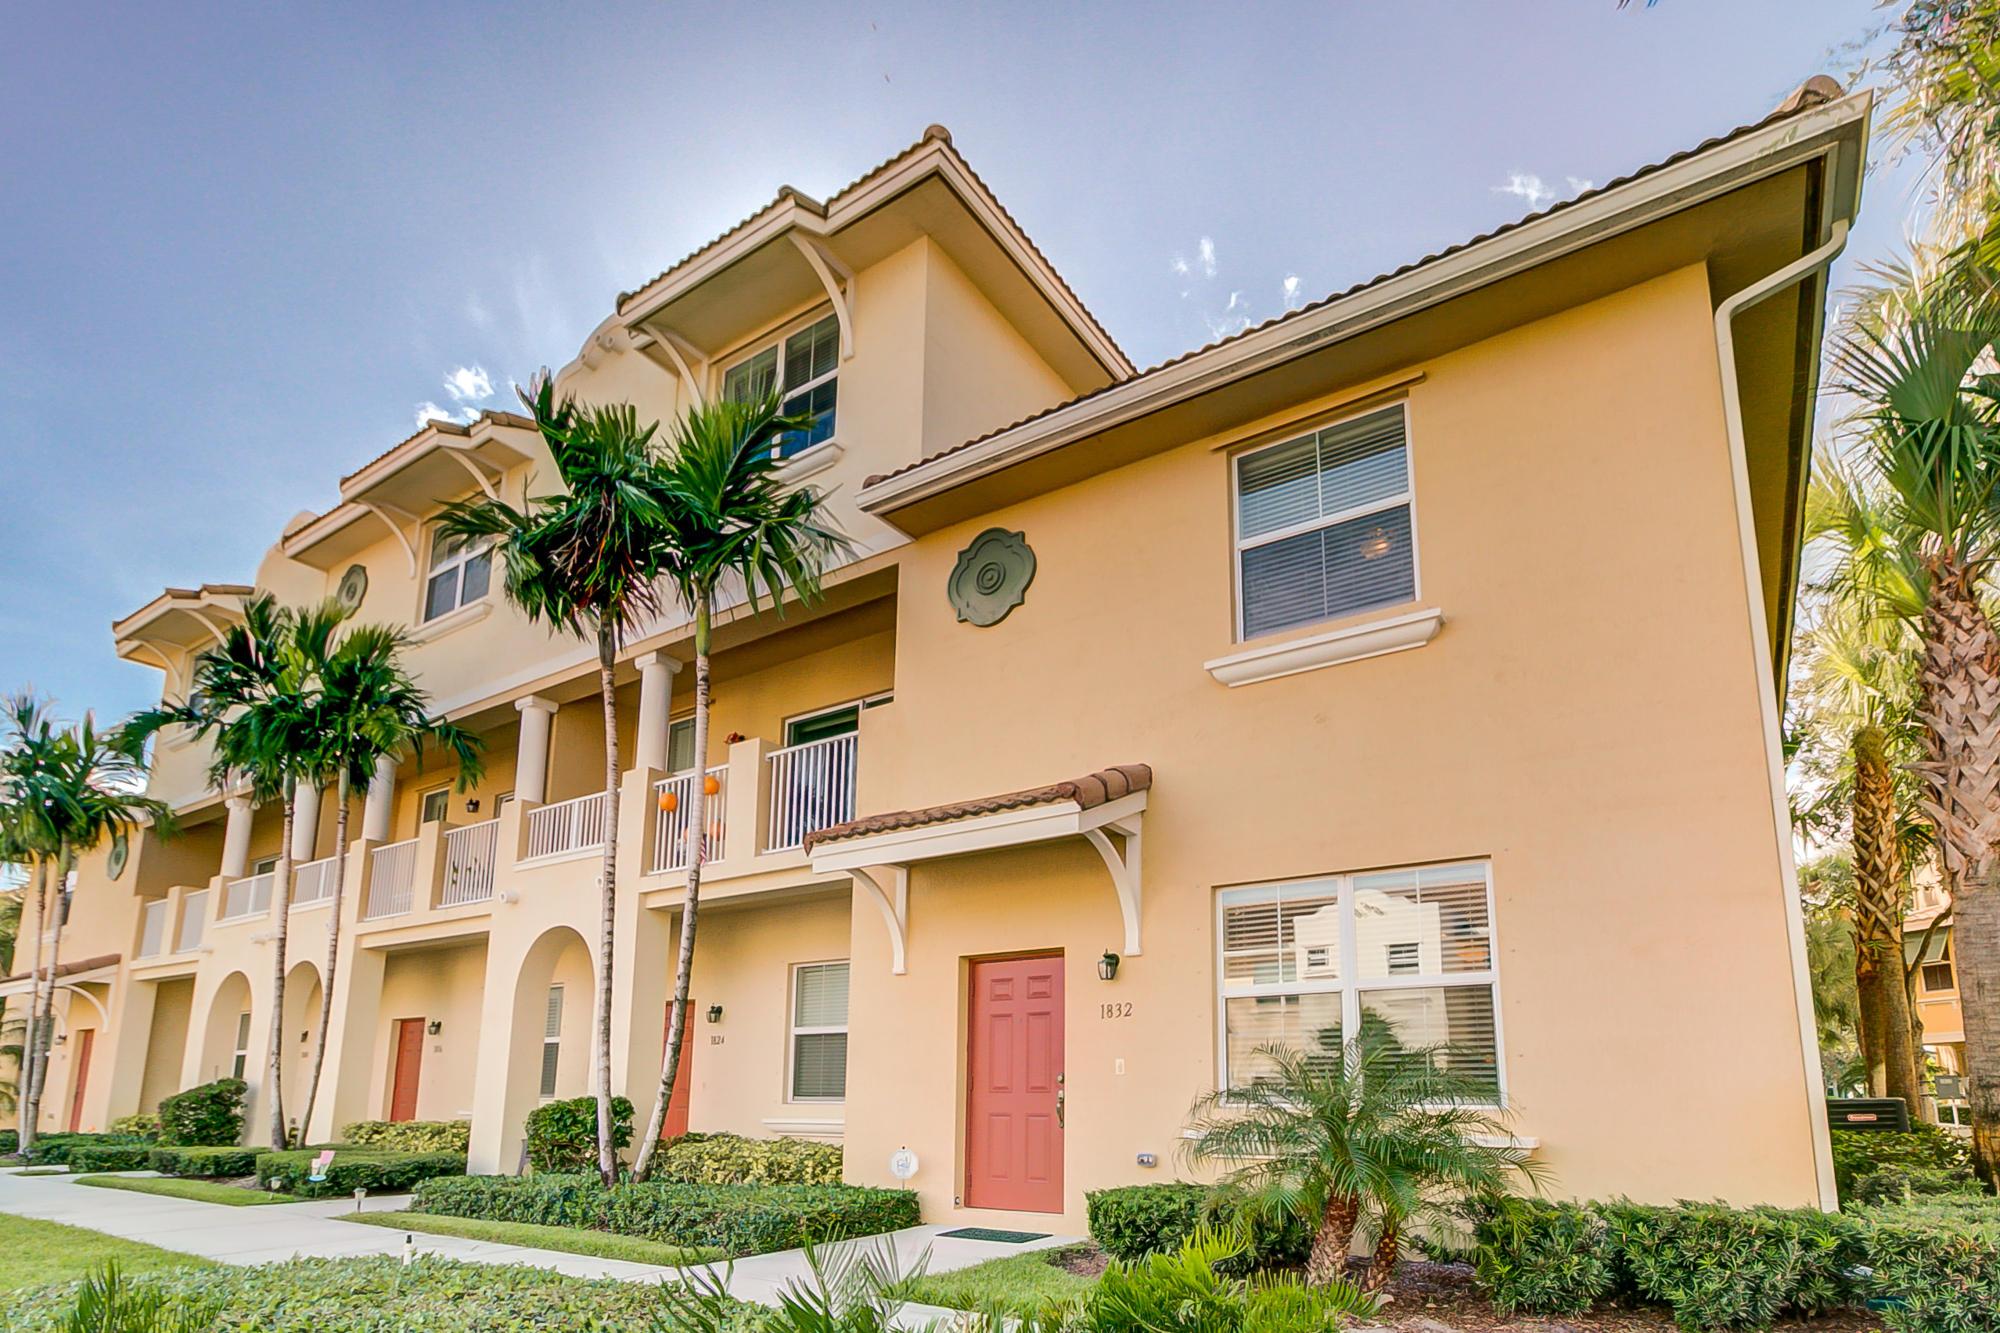 1832 Via Granada Boynton Beach, FL 33426